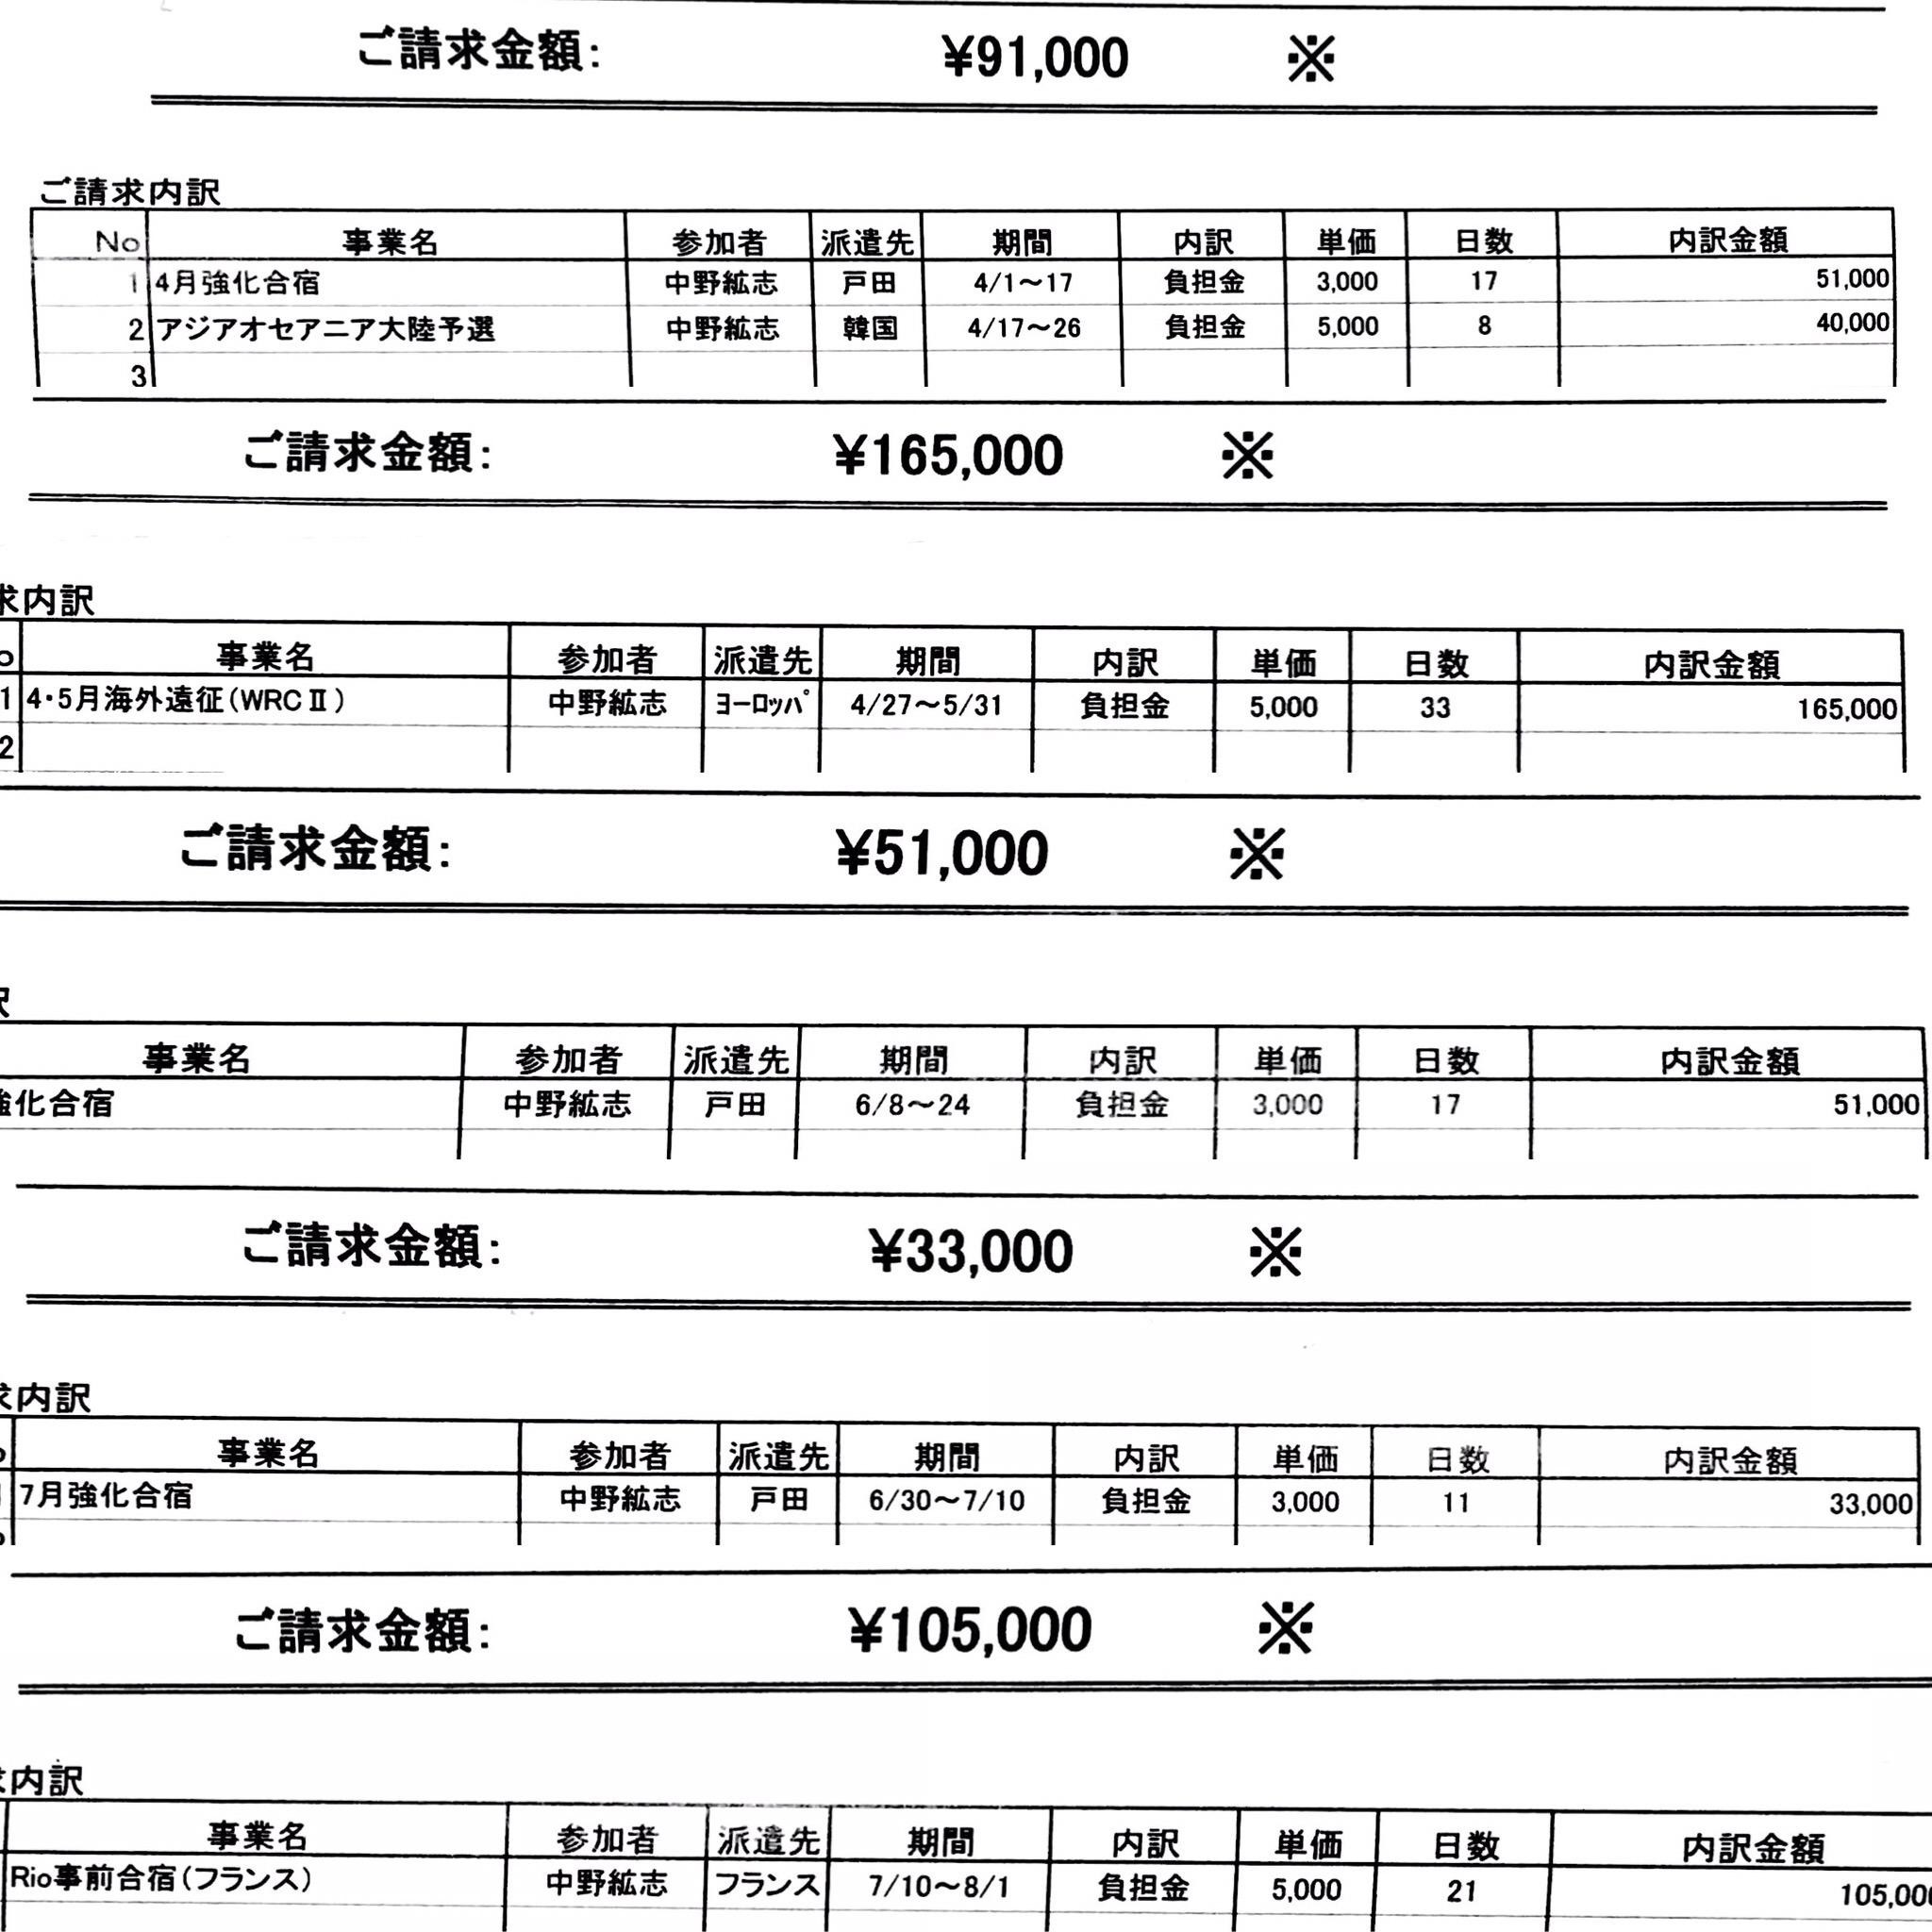 41f7f752-f178-4c2a-a731-e00520b68f89